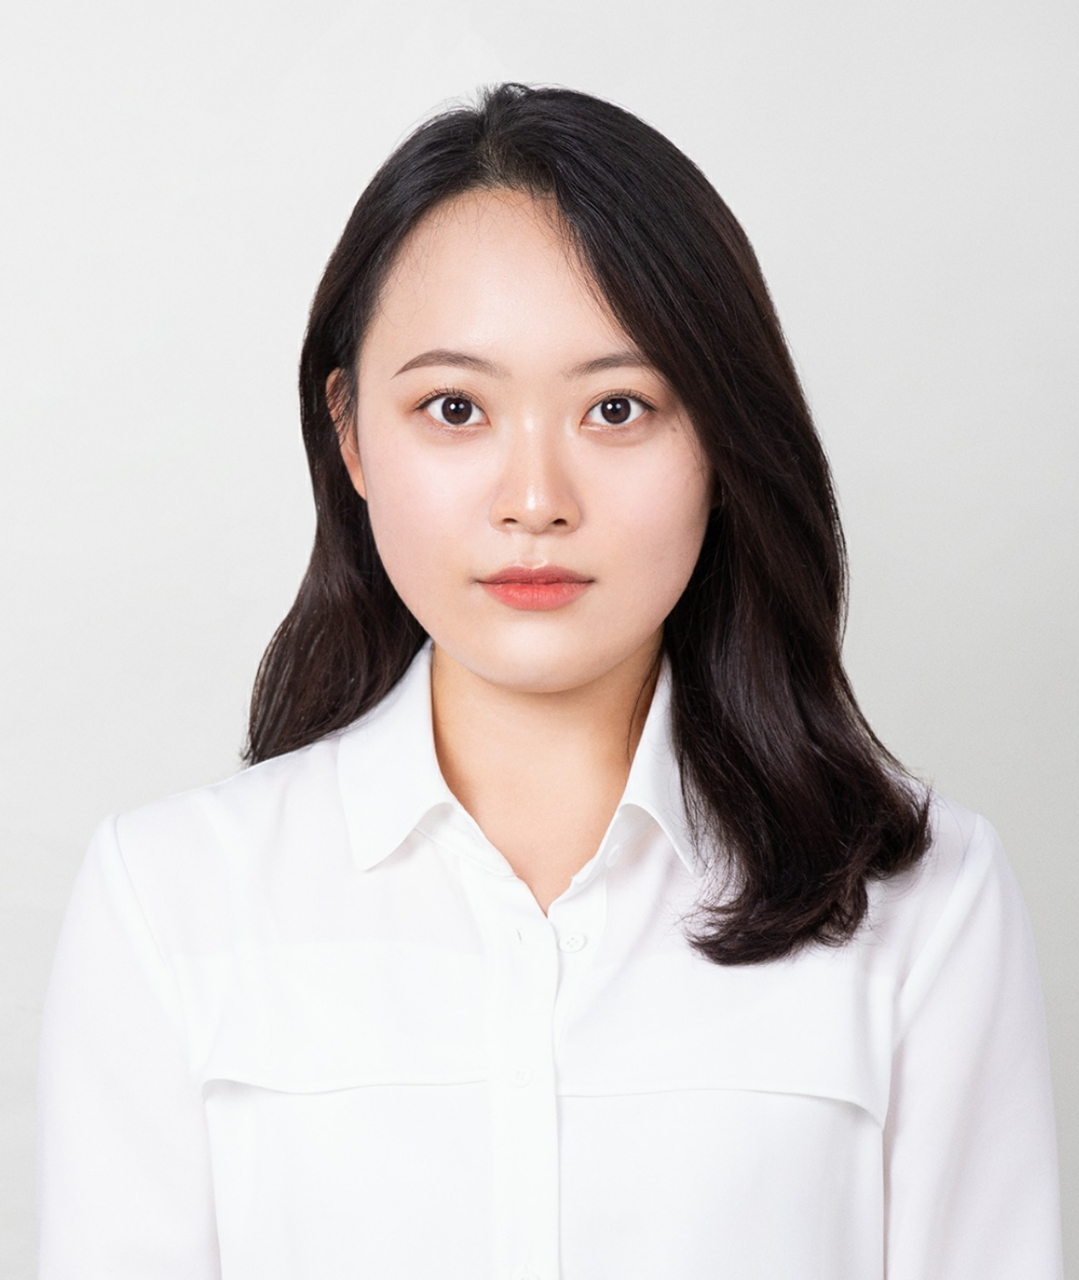 이영빈 NH농협은행 WM사업부 NH All100자문센터 세무전문위원